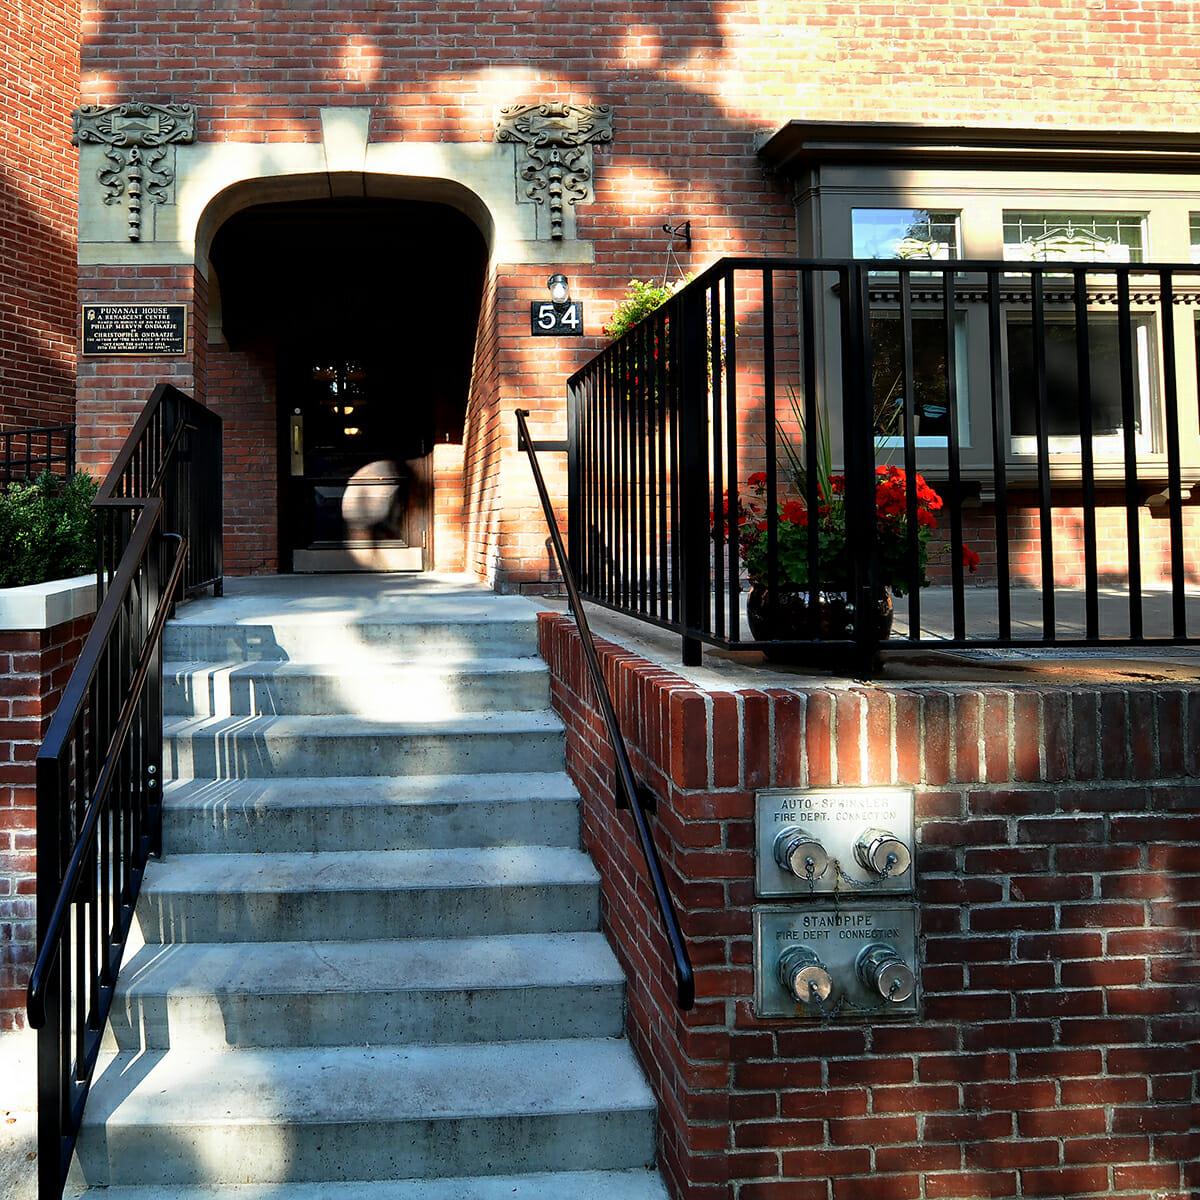 Front stairs and entrance at Punanai Centre.